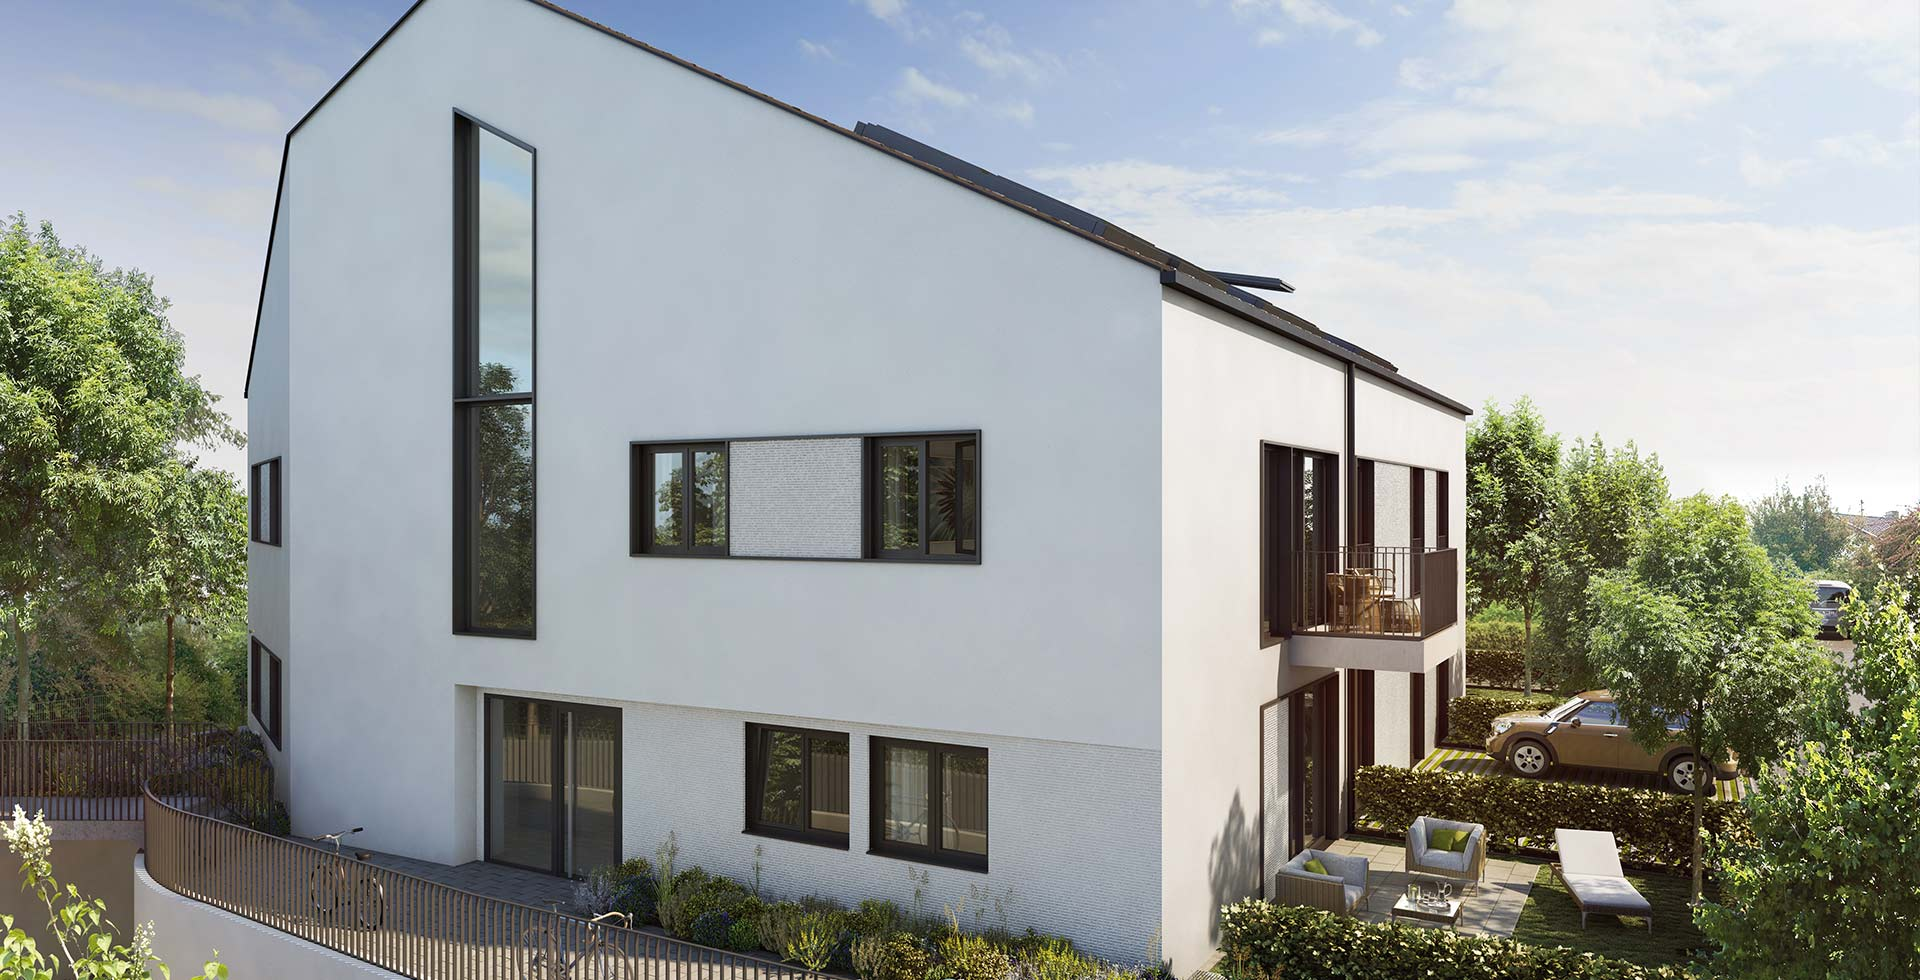 LHOMES_Neubauimmobilie_Tulpenweg-Wolfratshausen-Aussenansicht